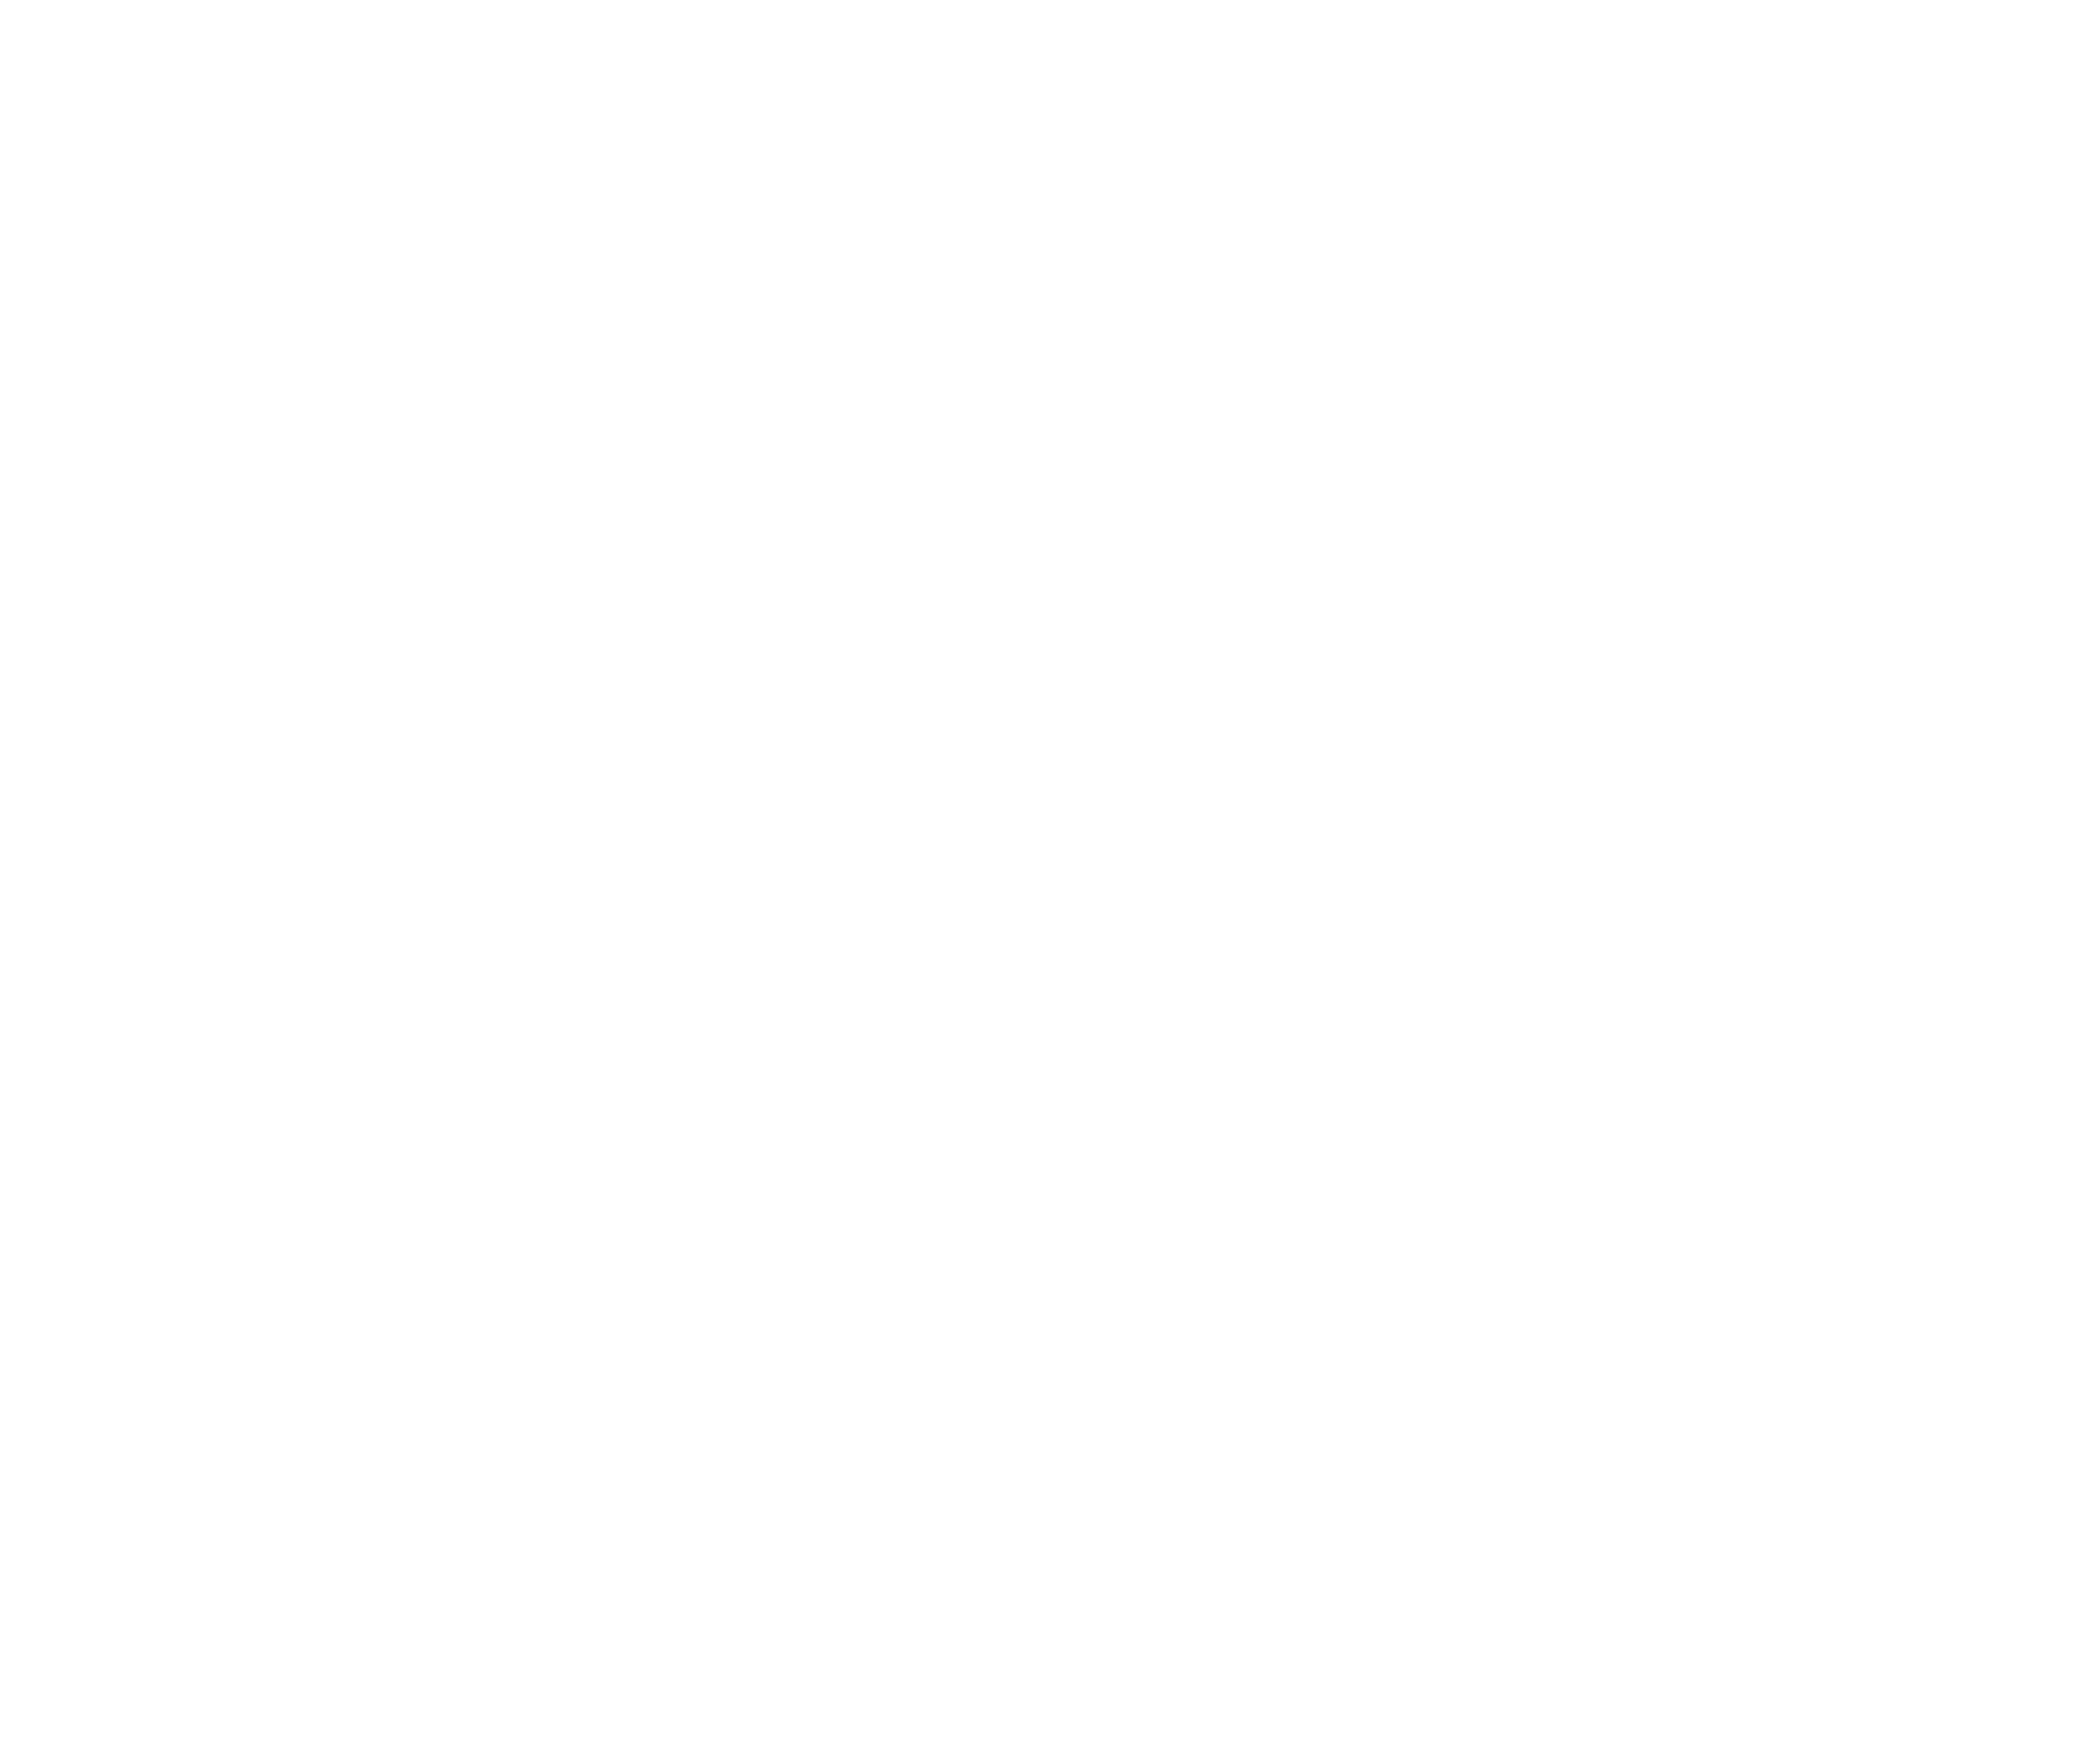 Malá značka - 3 900 KčMalé konkurenční prostředíminimální společenský dopadVýstup loga v křivkáchminimální analýza trhuLicenční smlouva na neomezená práva užití